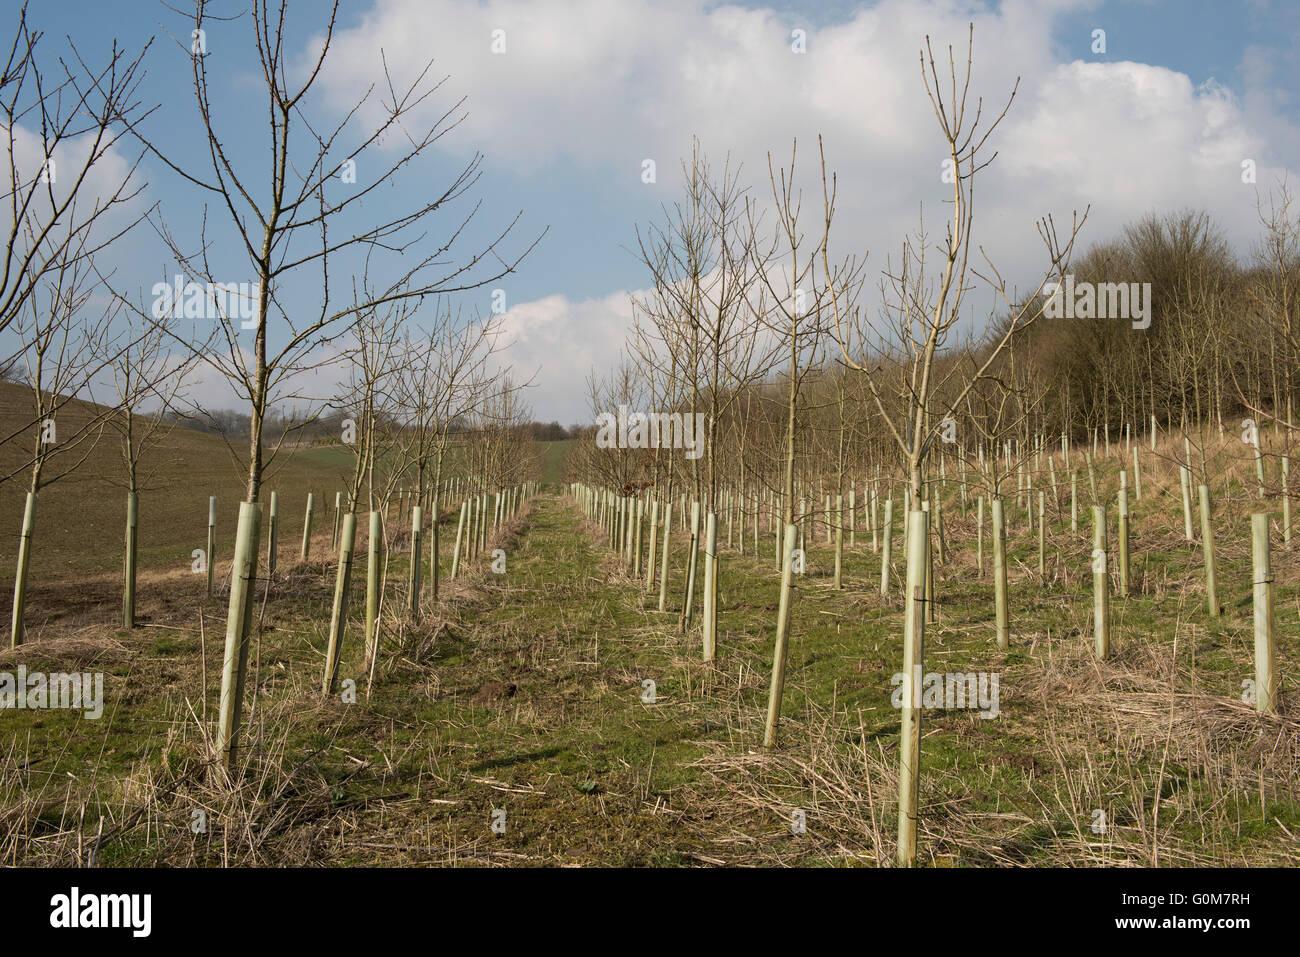 Deshojado desnudo jóvenes árboles caducifolios con protectores de plástico de la granja woodland Imagen De Stock